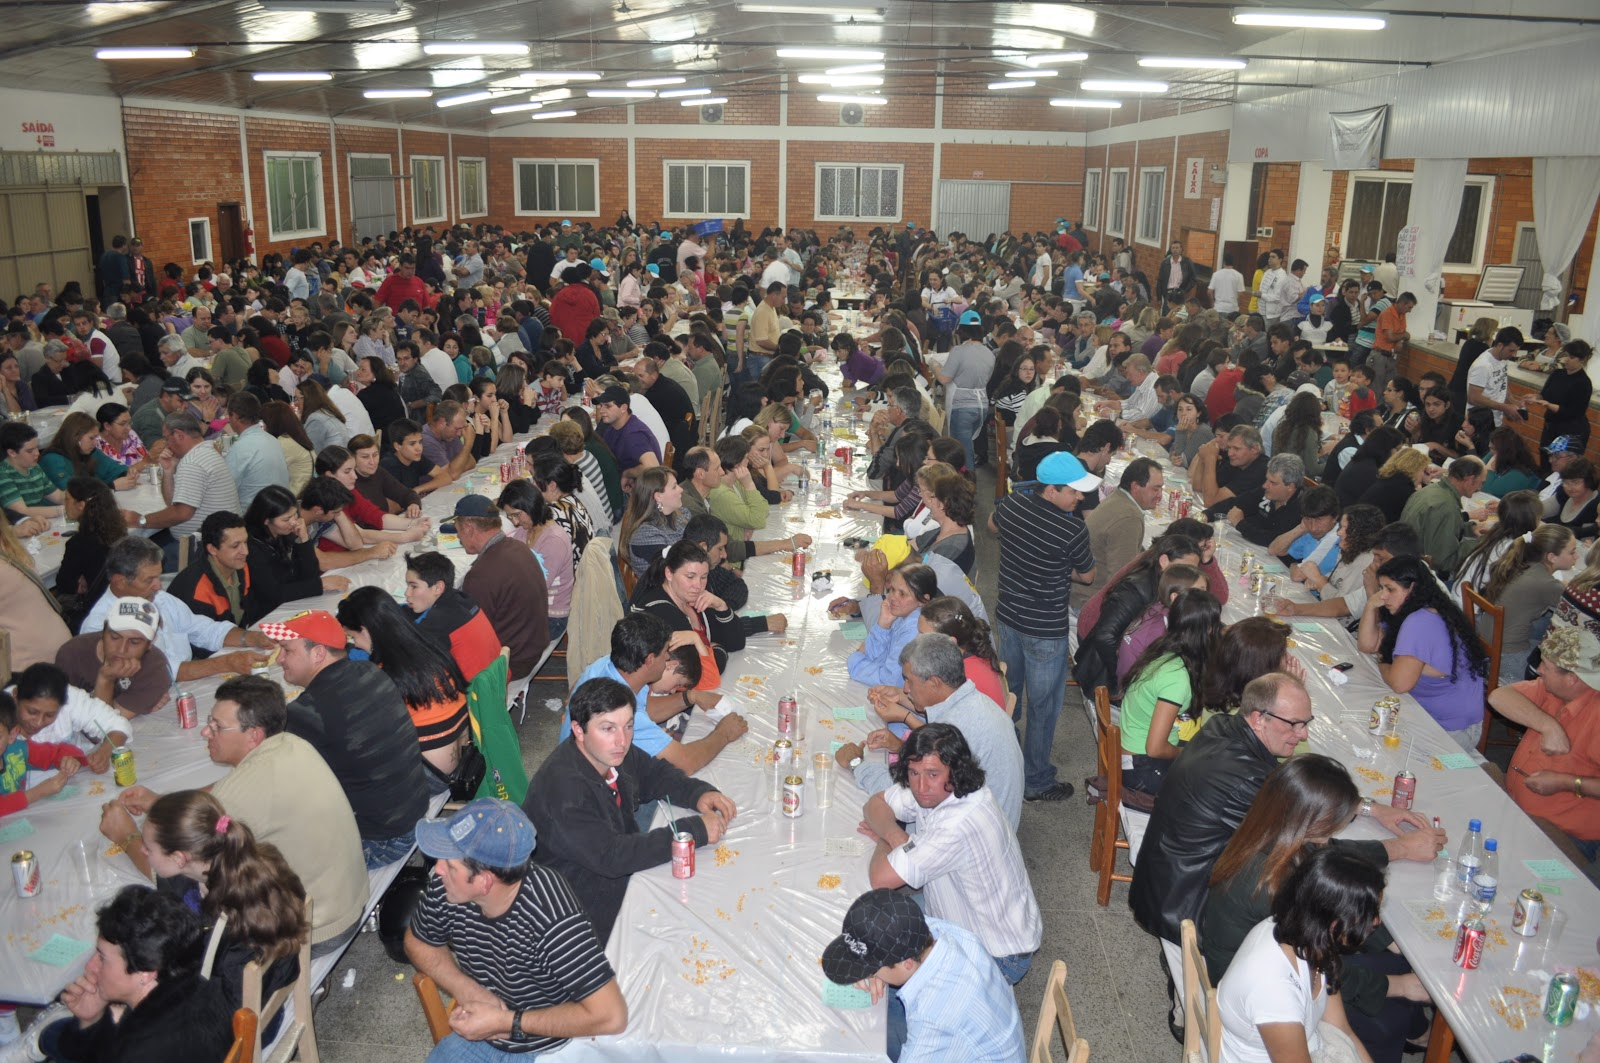 Bingão da Soliedariedade arrecada mais de R$ 18 mil para entidades da cidade. BINGO%20351